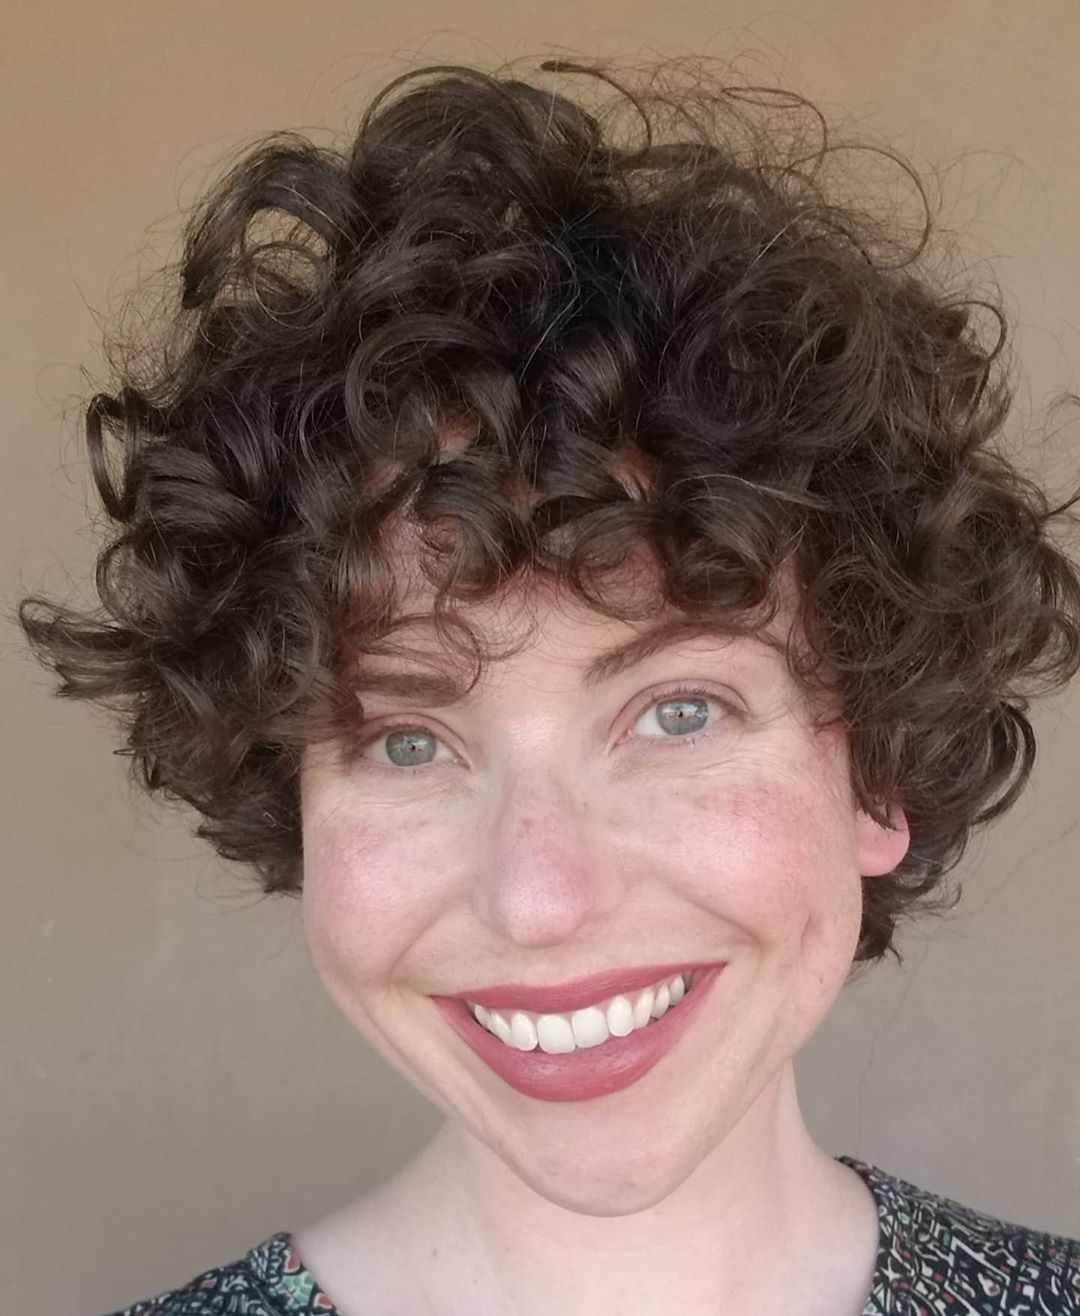 Beliebte kurze lockige Haarschnitte für Frauen 2020 »Frisurenmuster